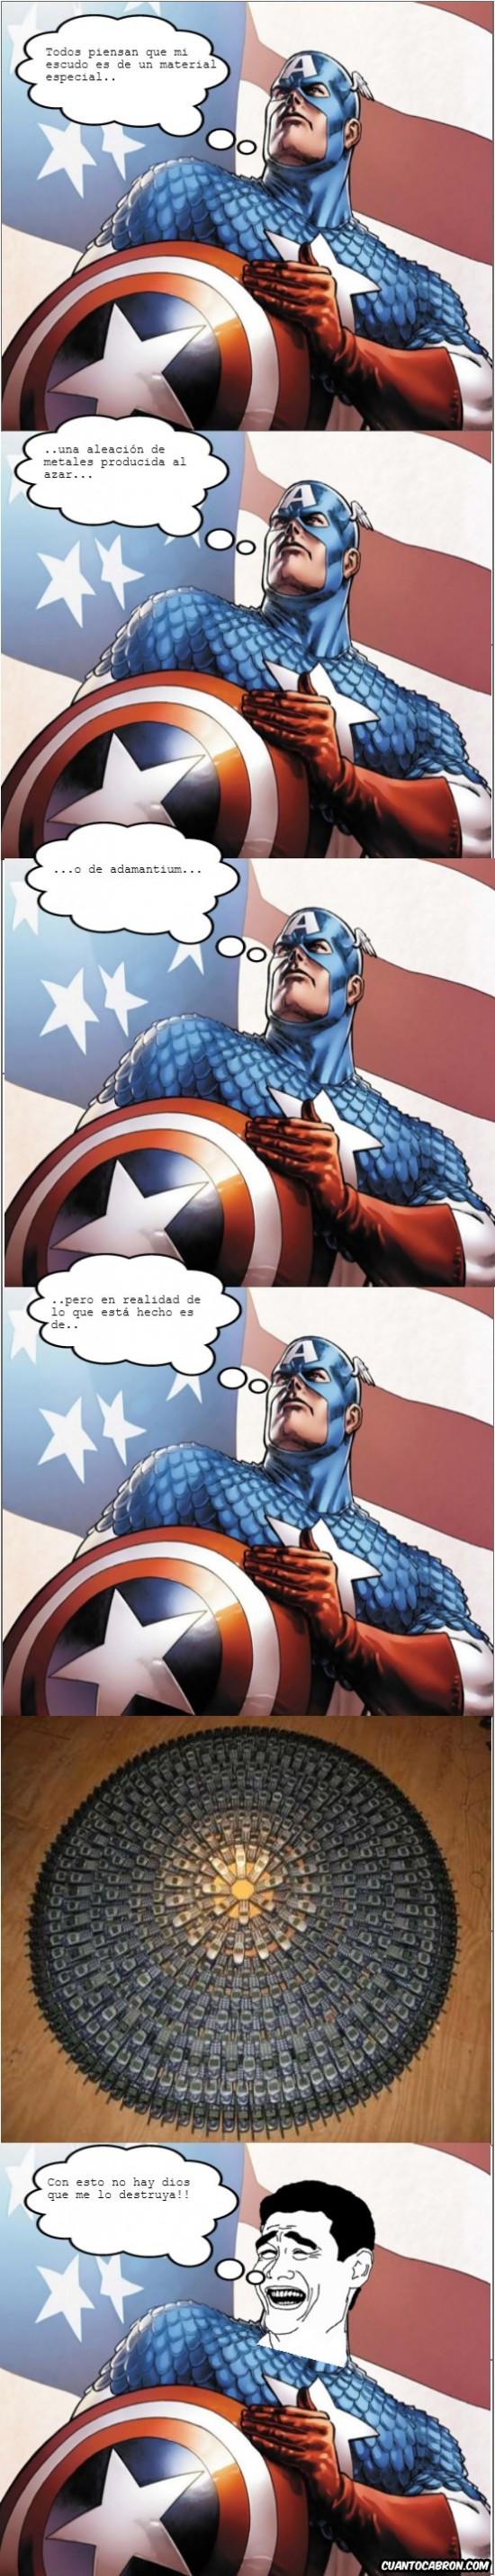 america,capitan,capitán américa,indestructible,ming,nokia,yao,yao ming